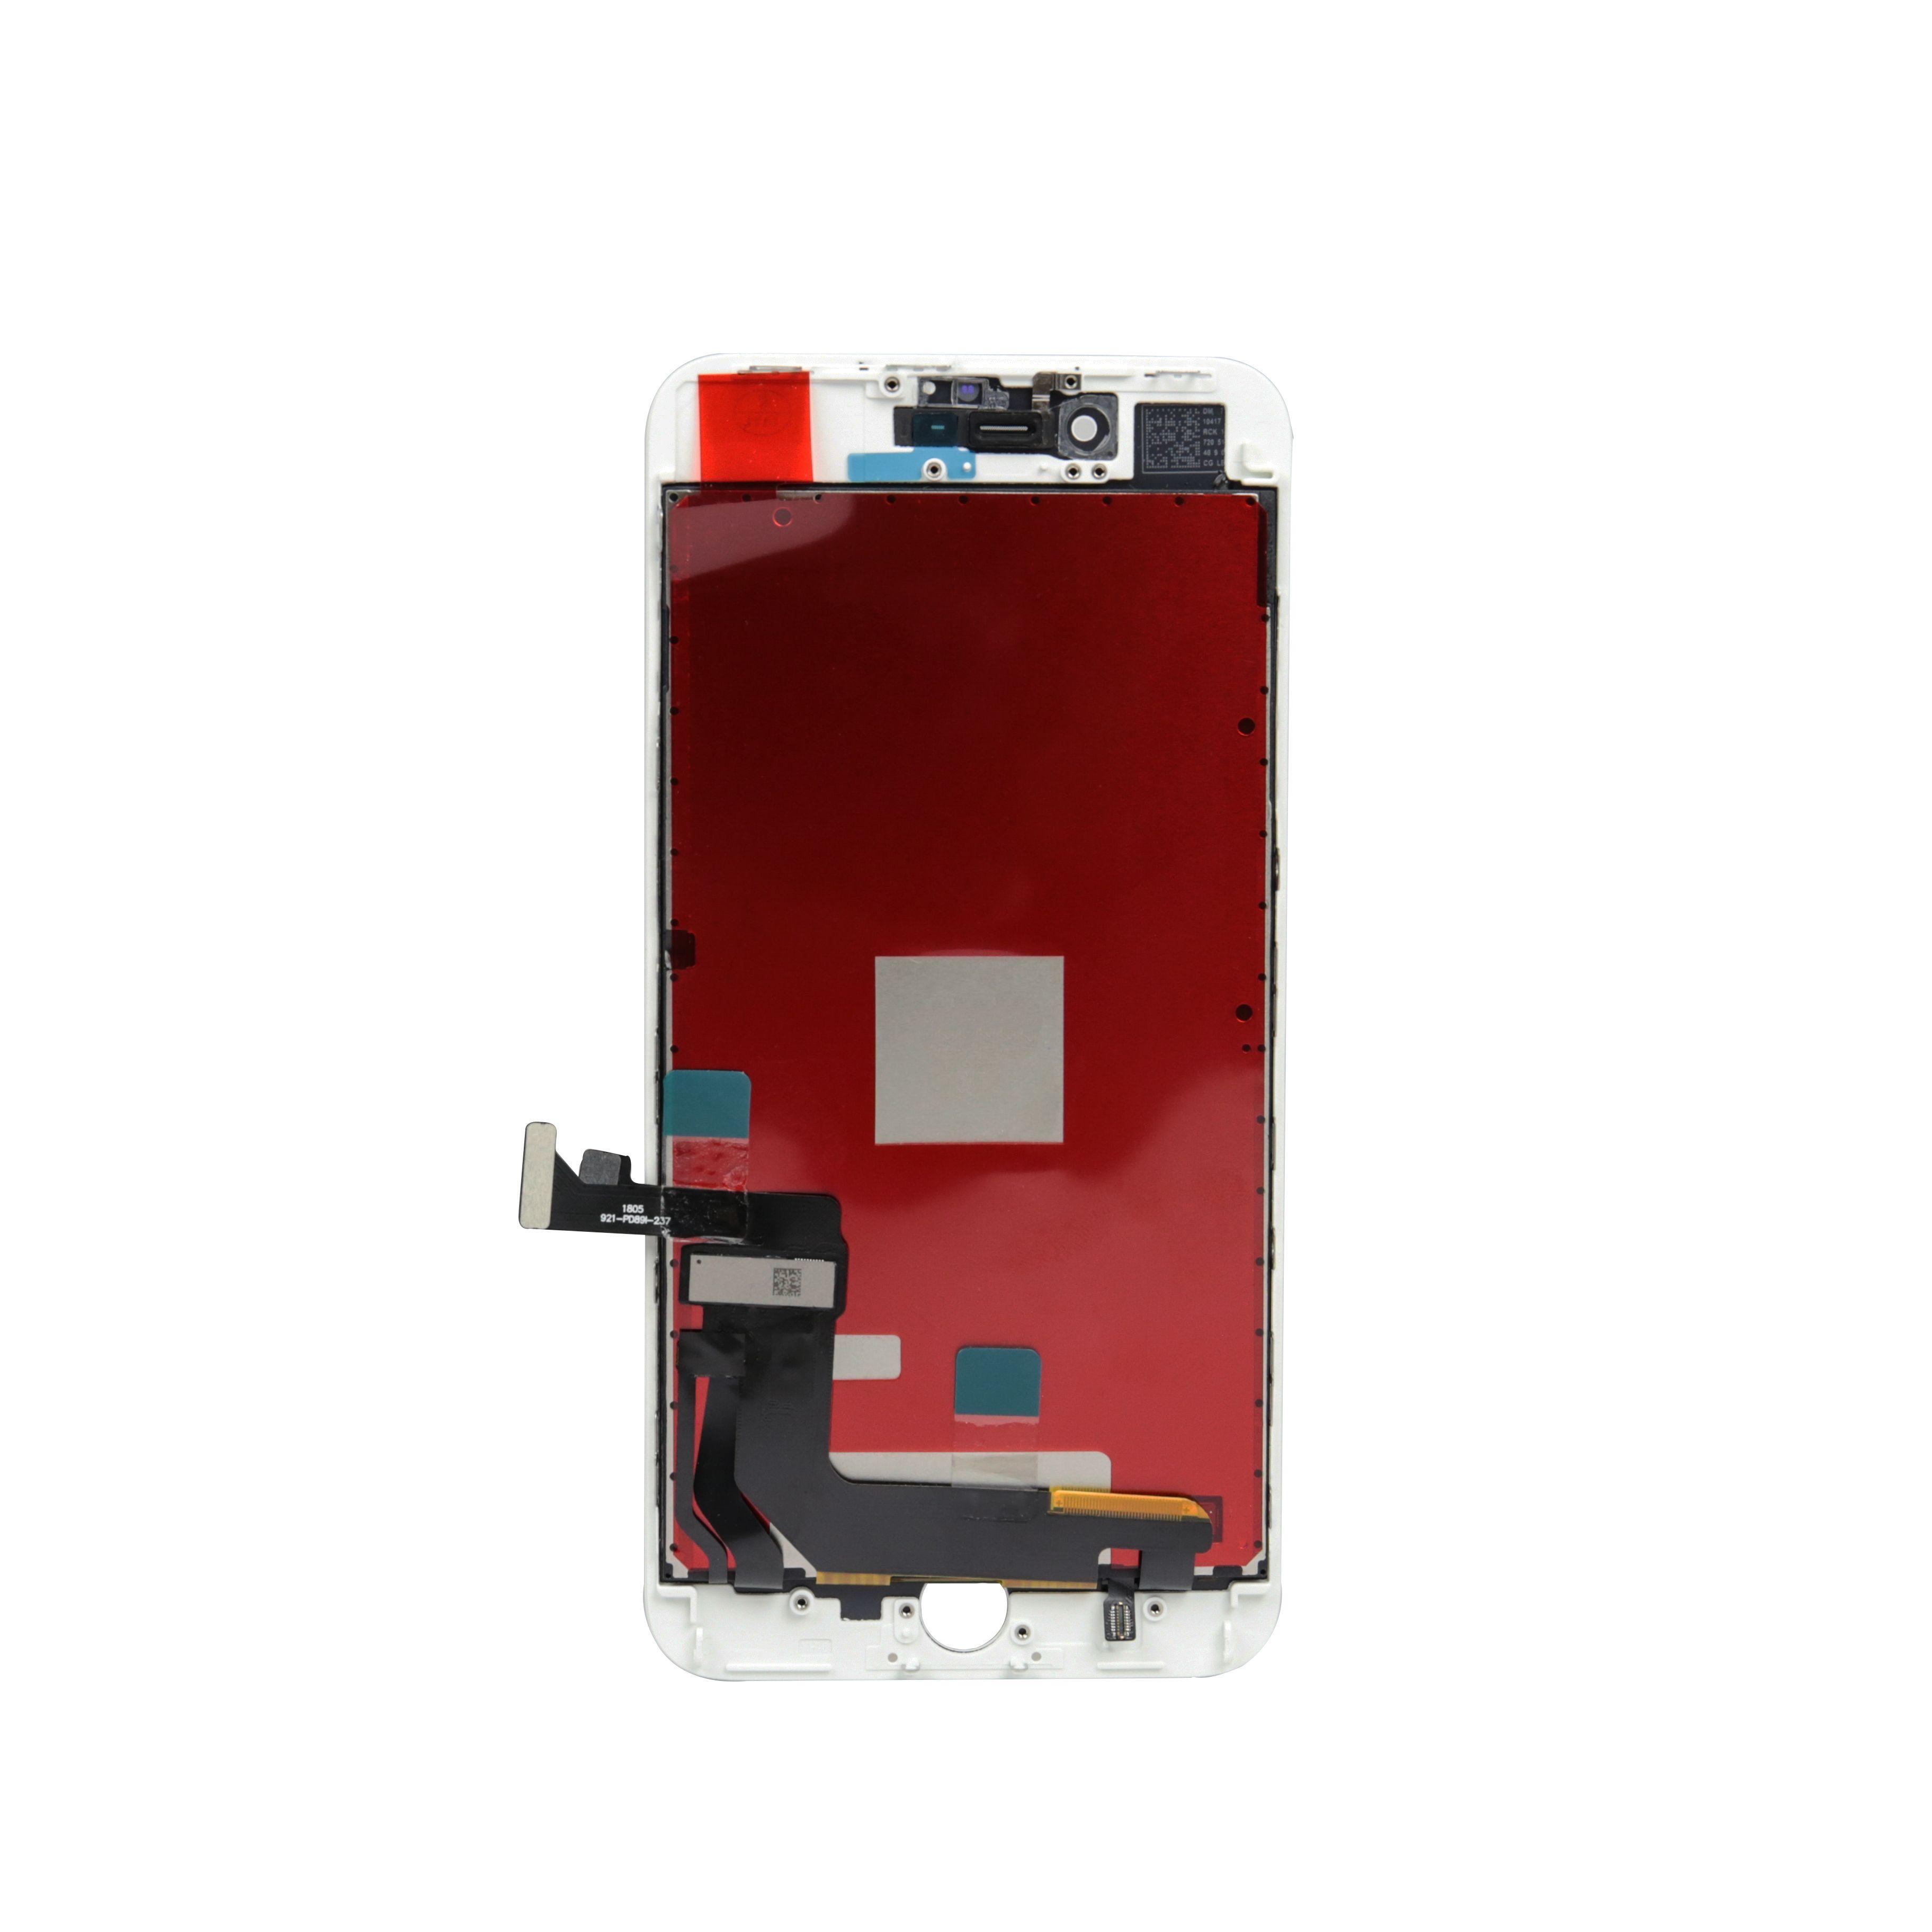 LCD ESR haut de gamme pour iPhone 8 plus FSA Mieux brigtness Sight Angle écran plein avec Easy Remplacer garantie par DHL Envoi gratuit